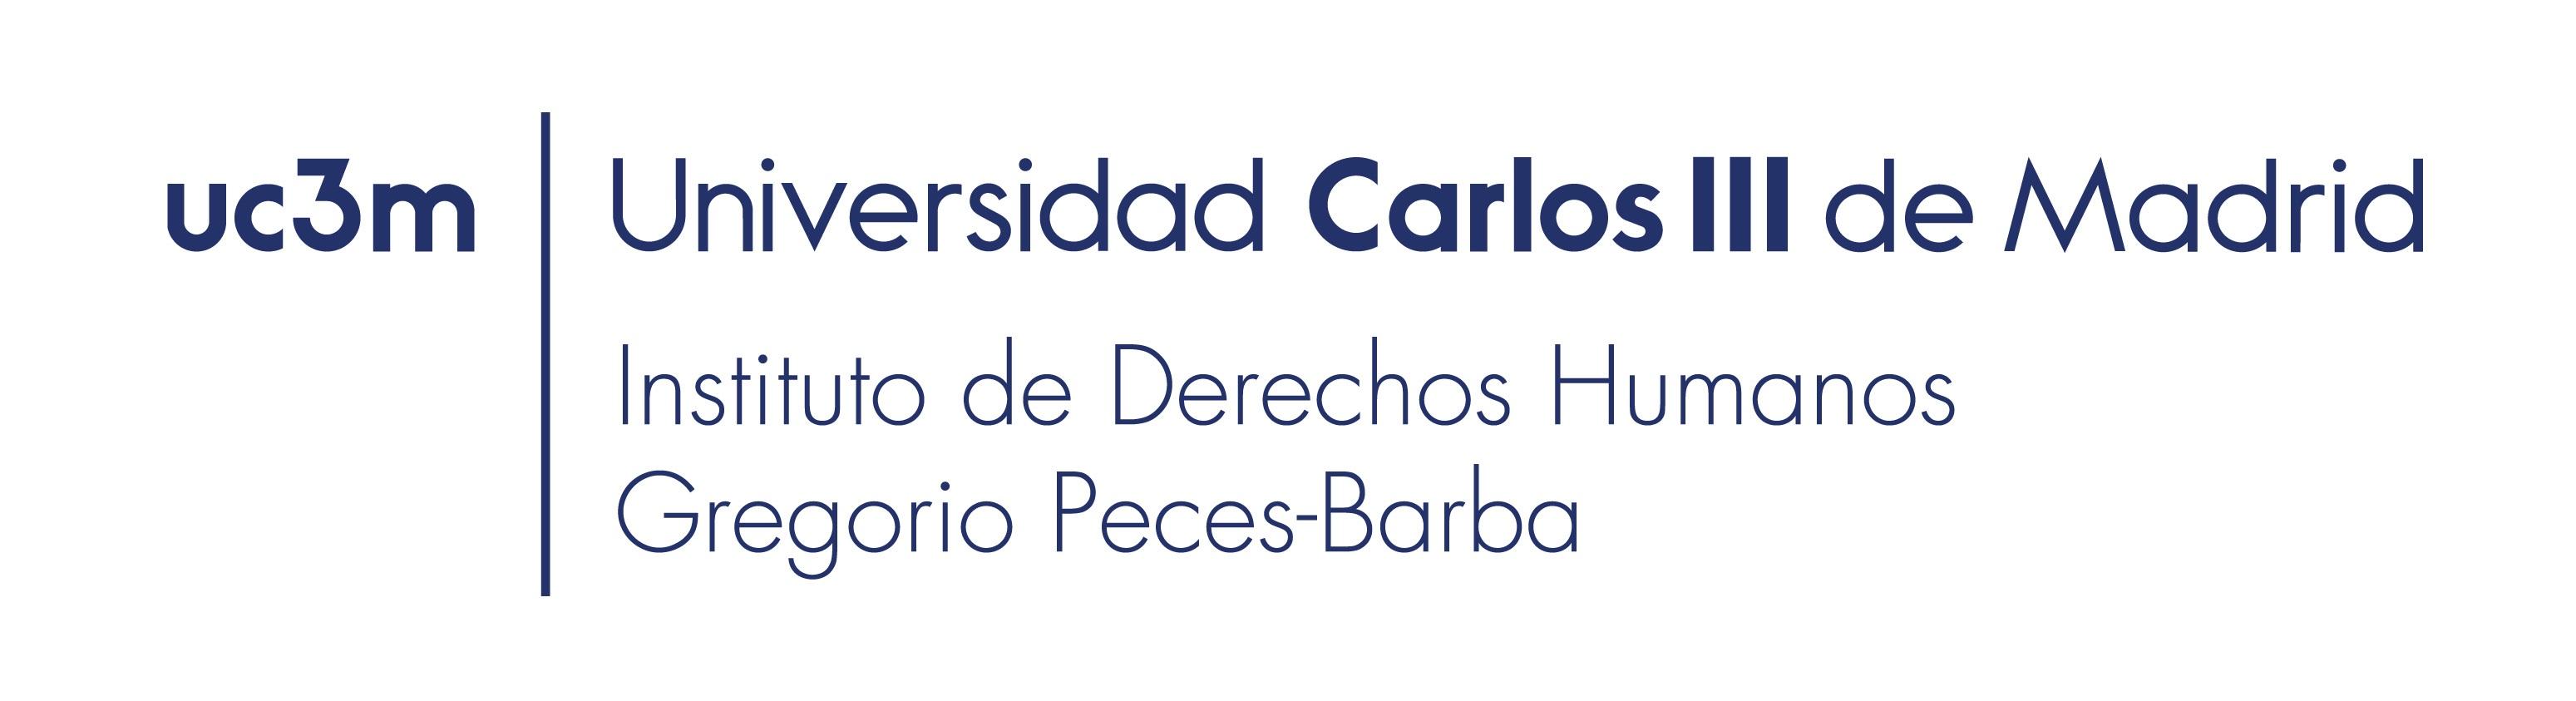 Logo del Instituto de Derechos Humanos Gregorio Peces-Barba